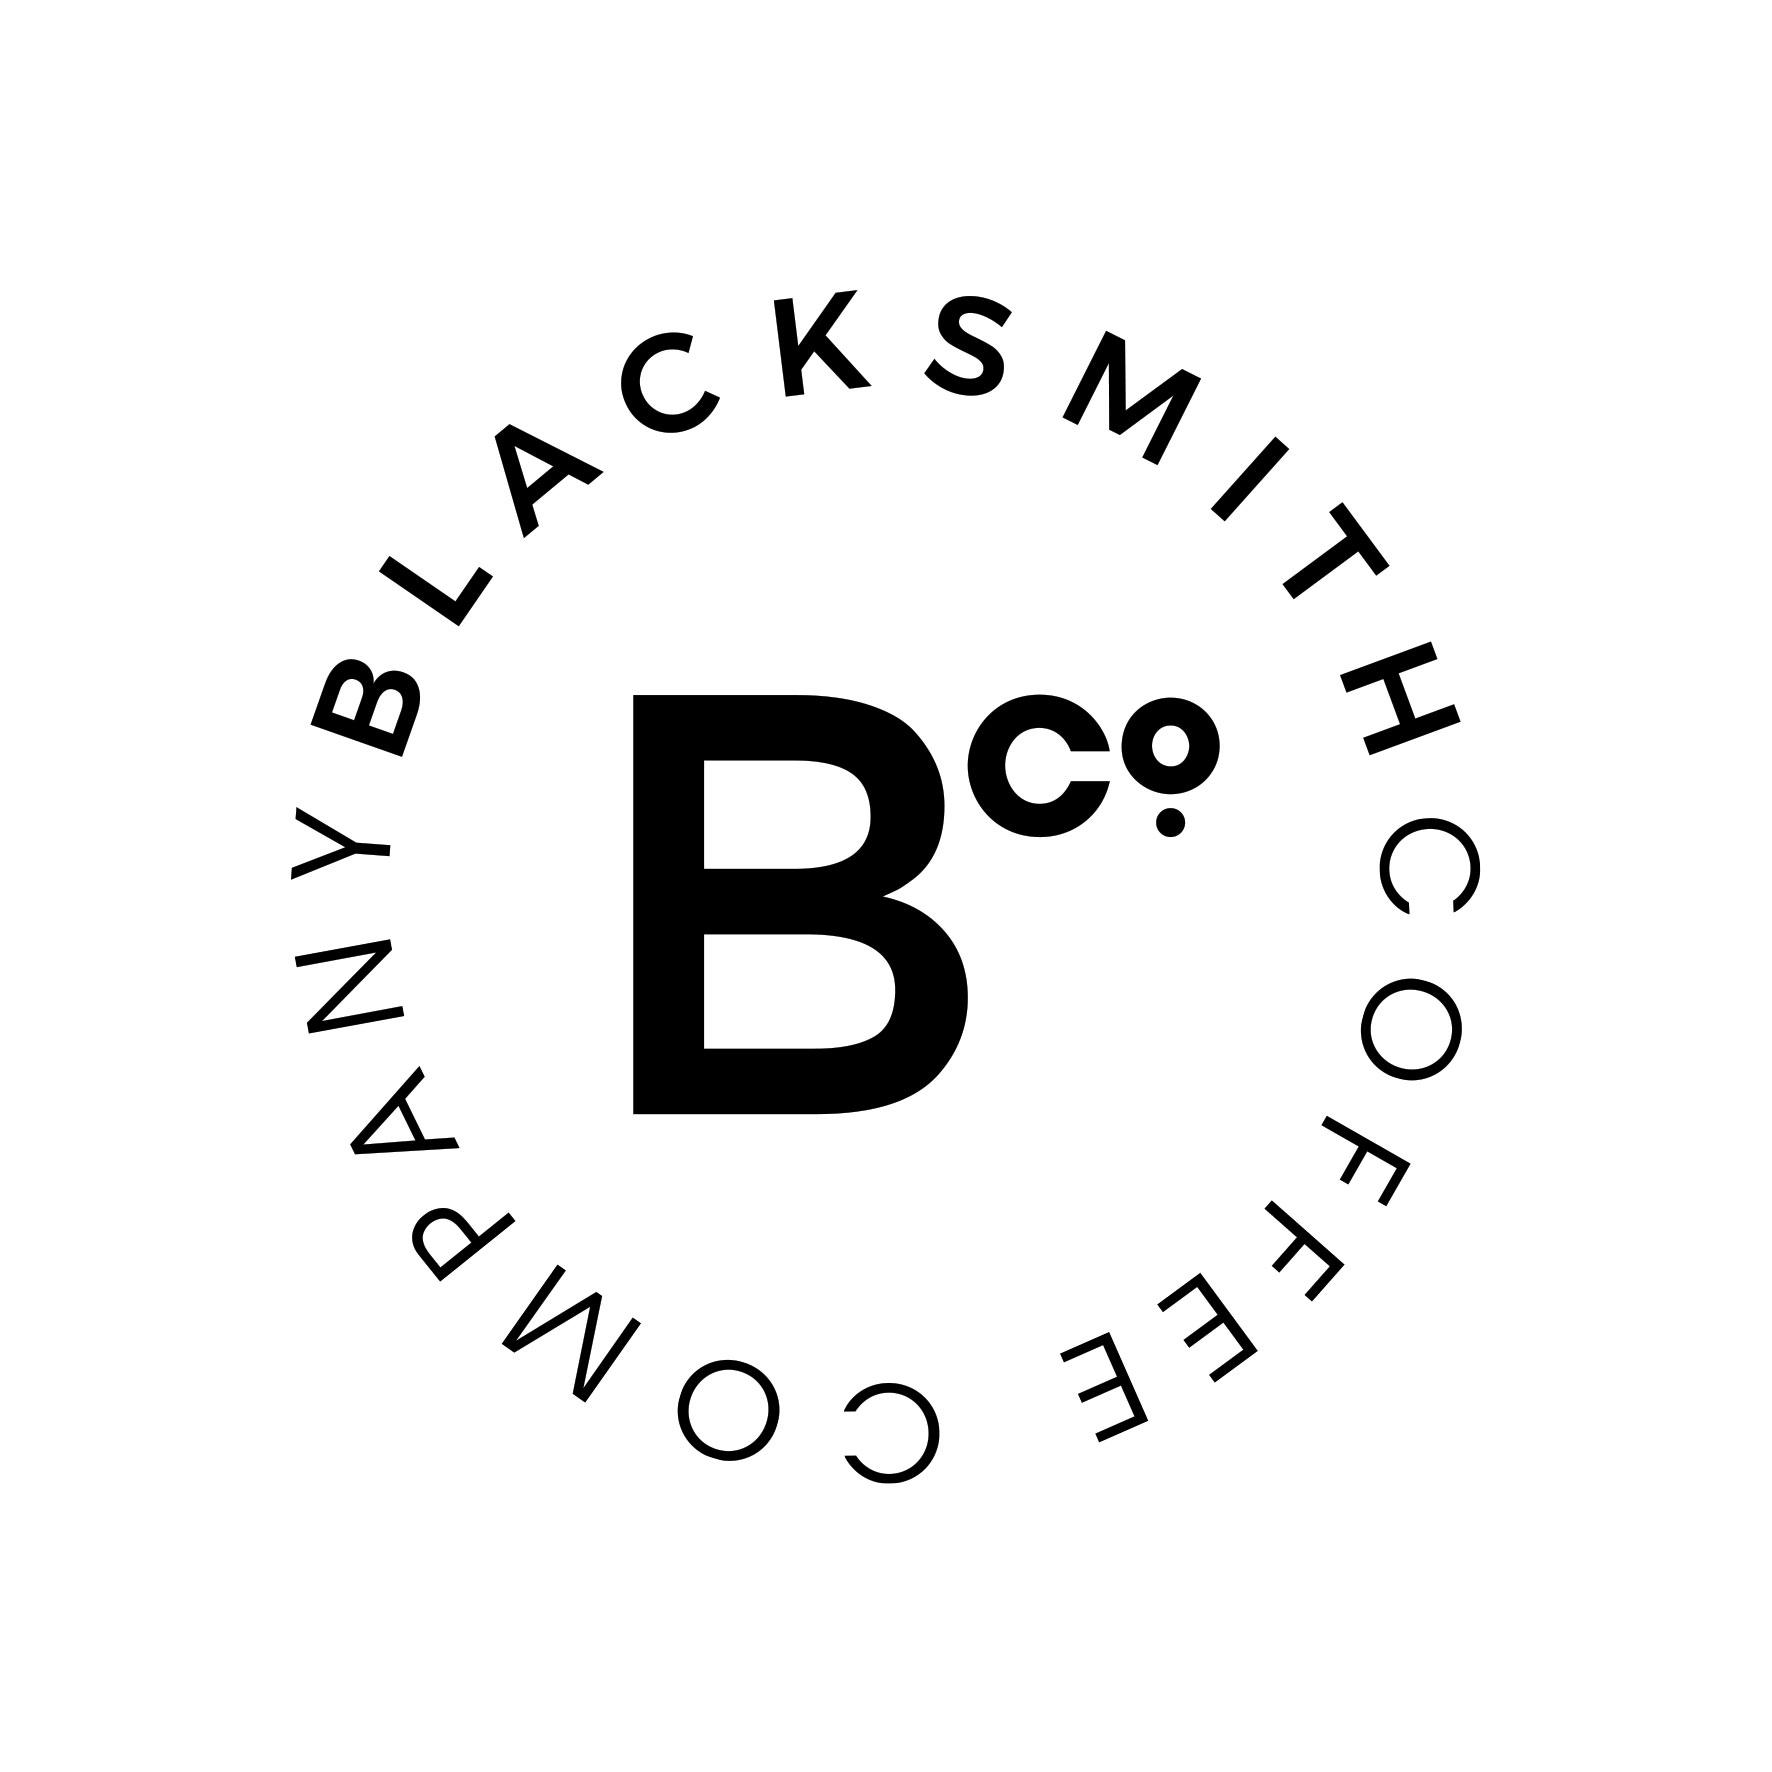 Blacksmith-identite-branding-thumbnail.jpg